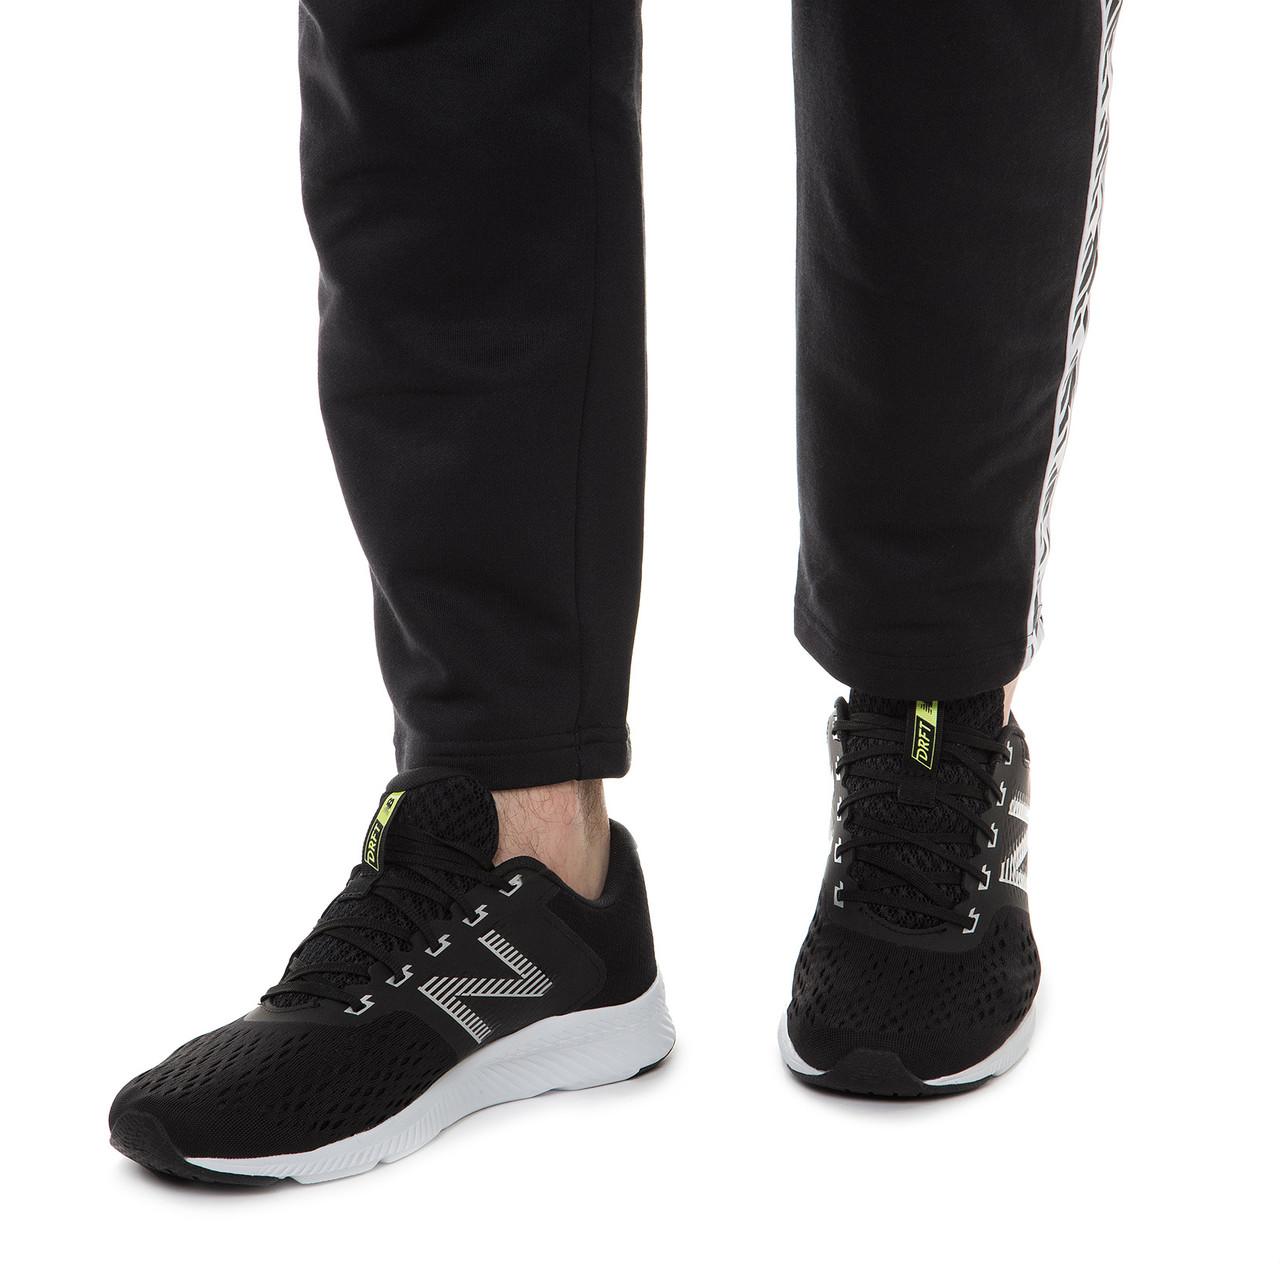 Кросівки чоловічі New Balance Draft чорні MDRFTLK1